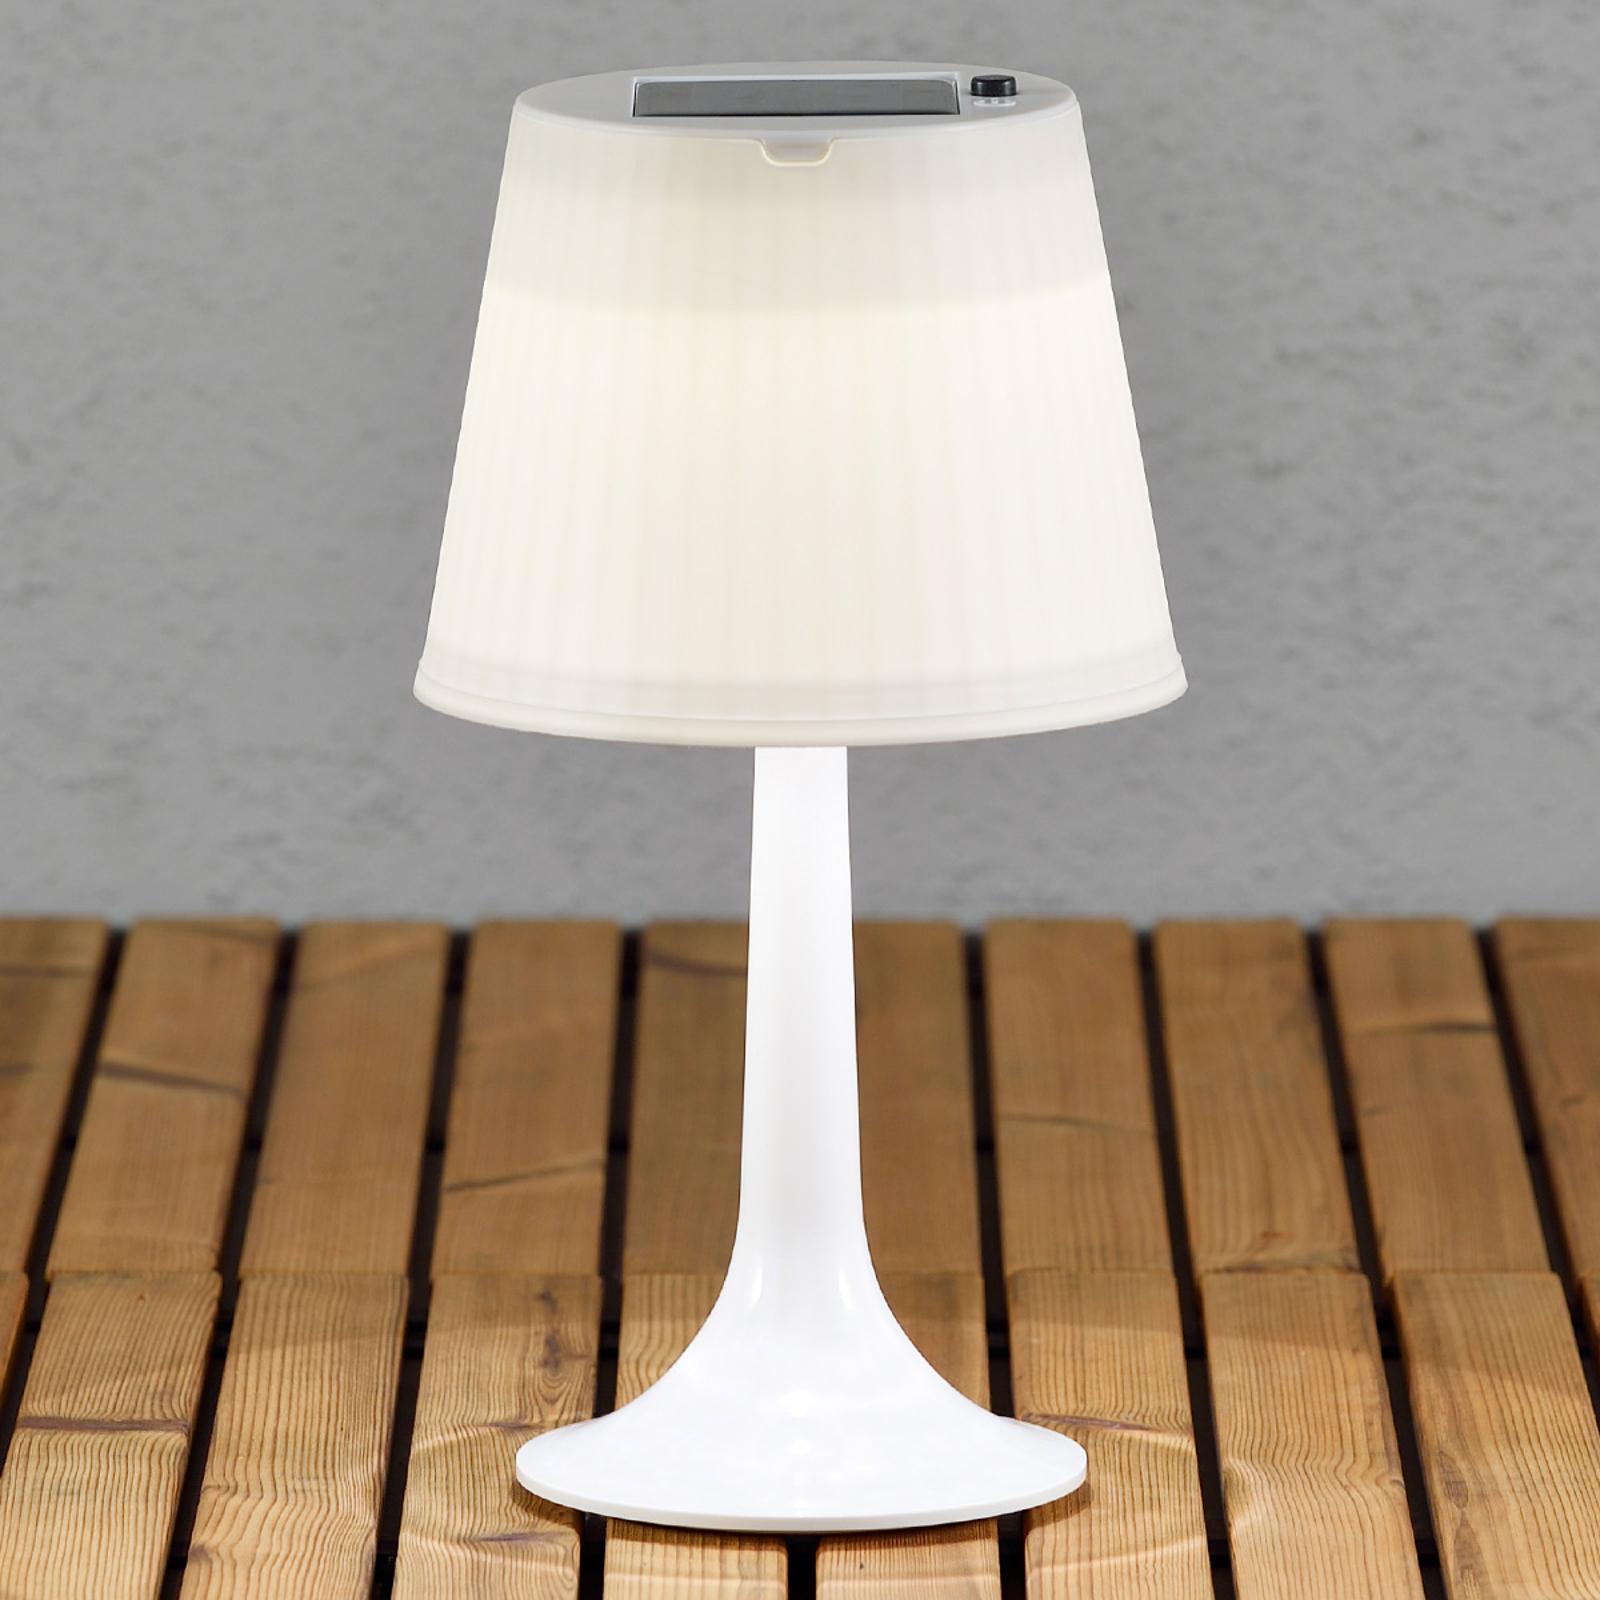 Lampada solare da tavolo a LED bianca Assisi Sitra